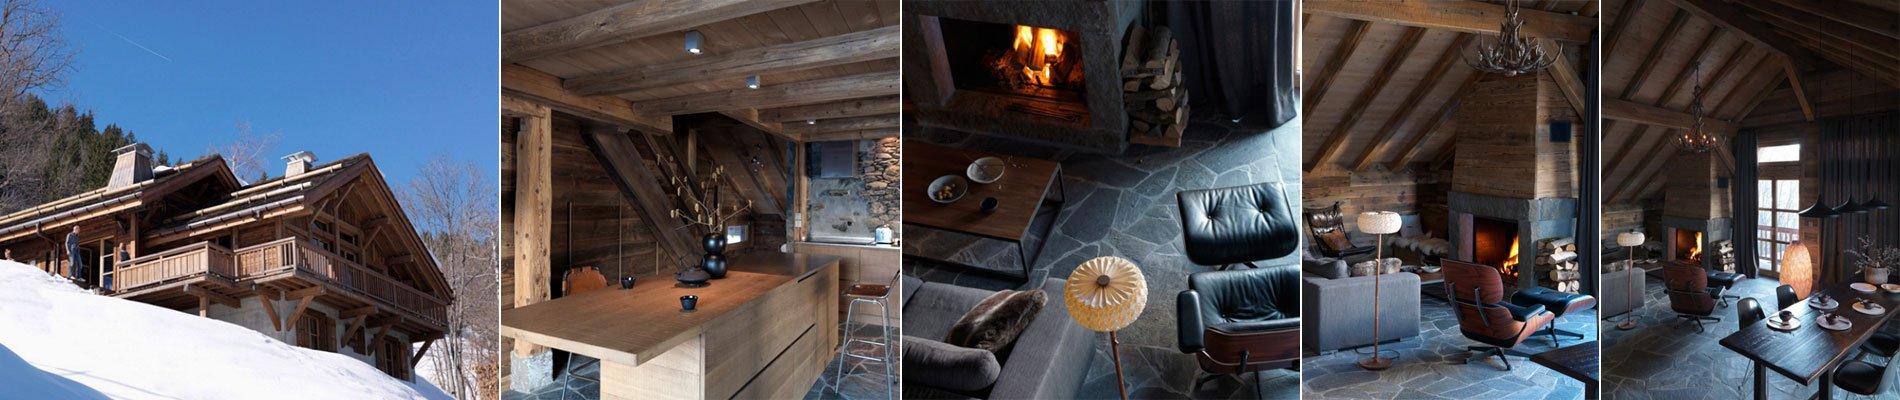 chalet-luxe-q-saint-nicolas-de-veroce-klaartje